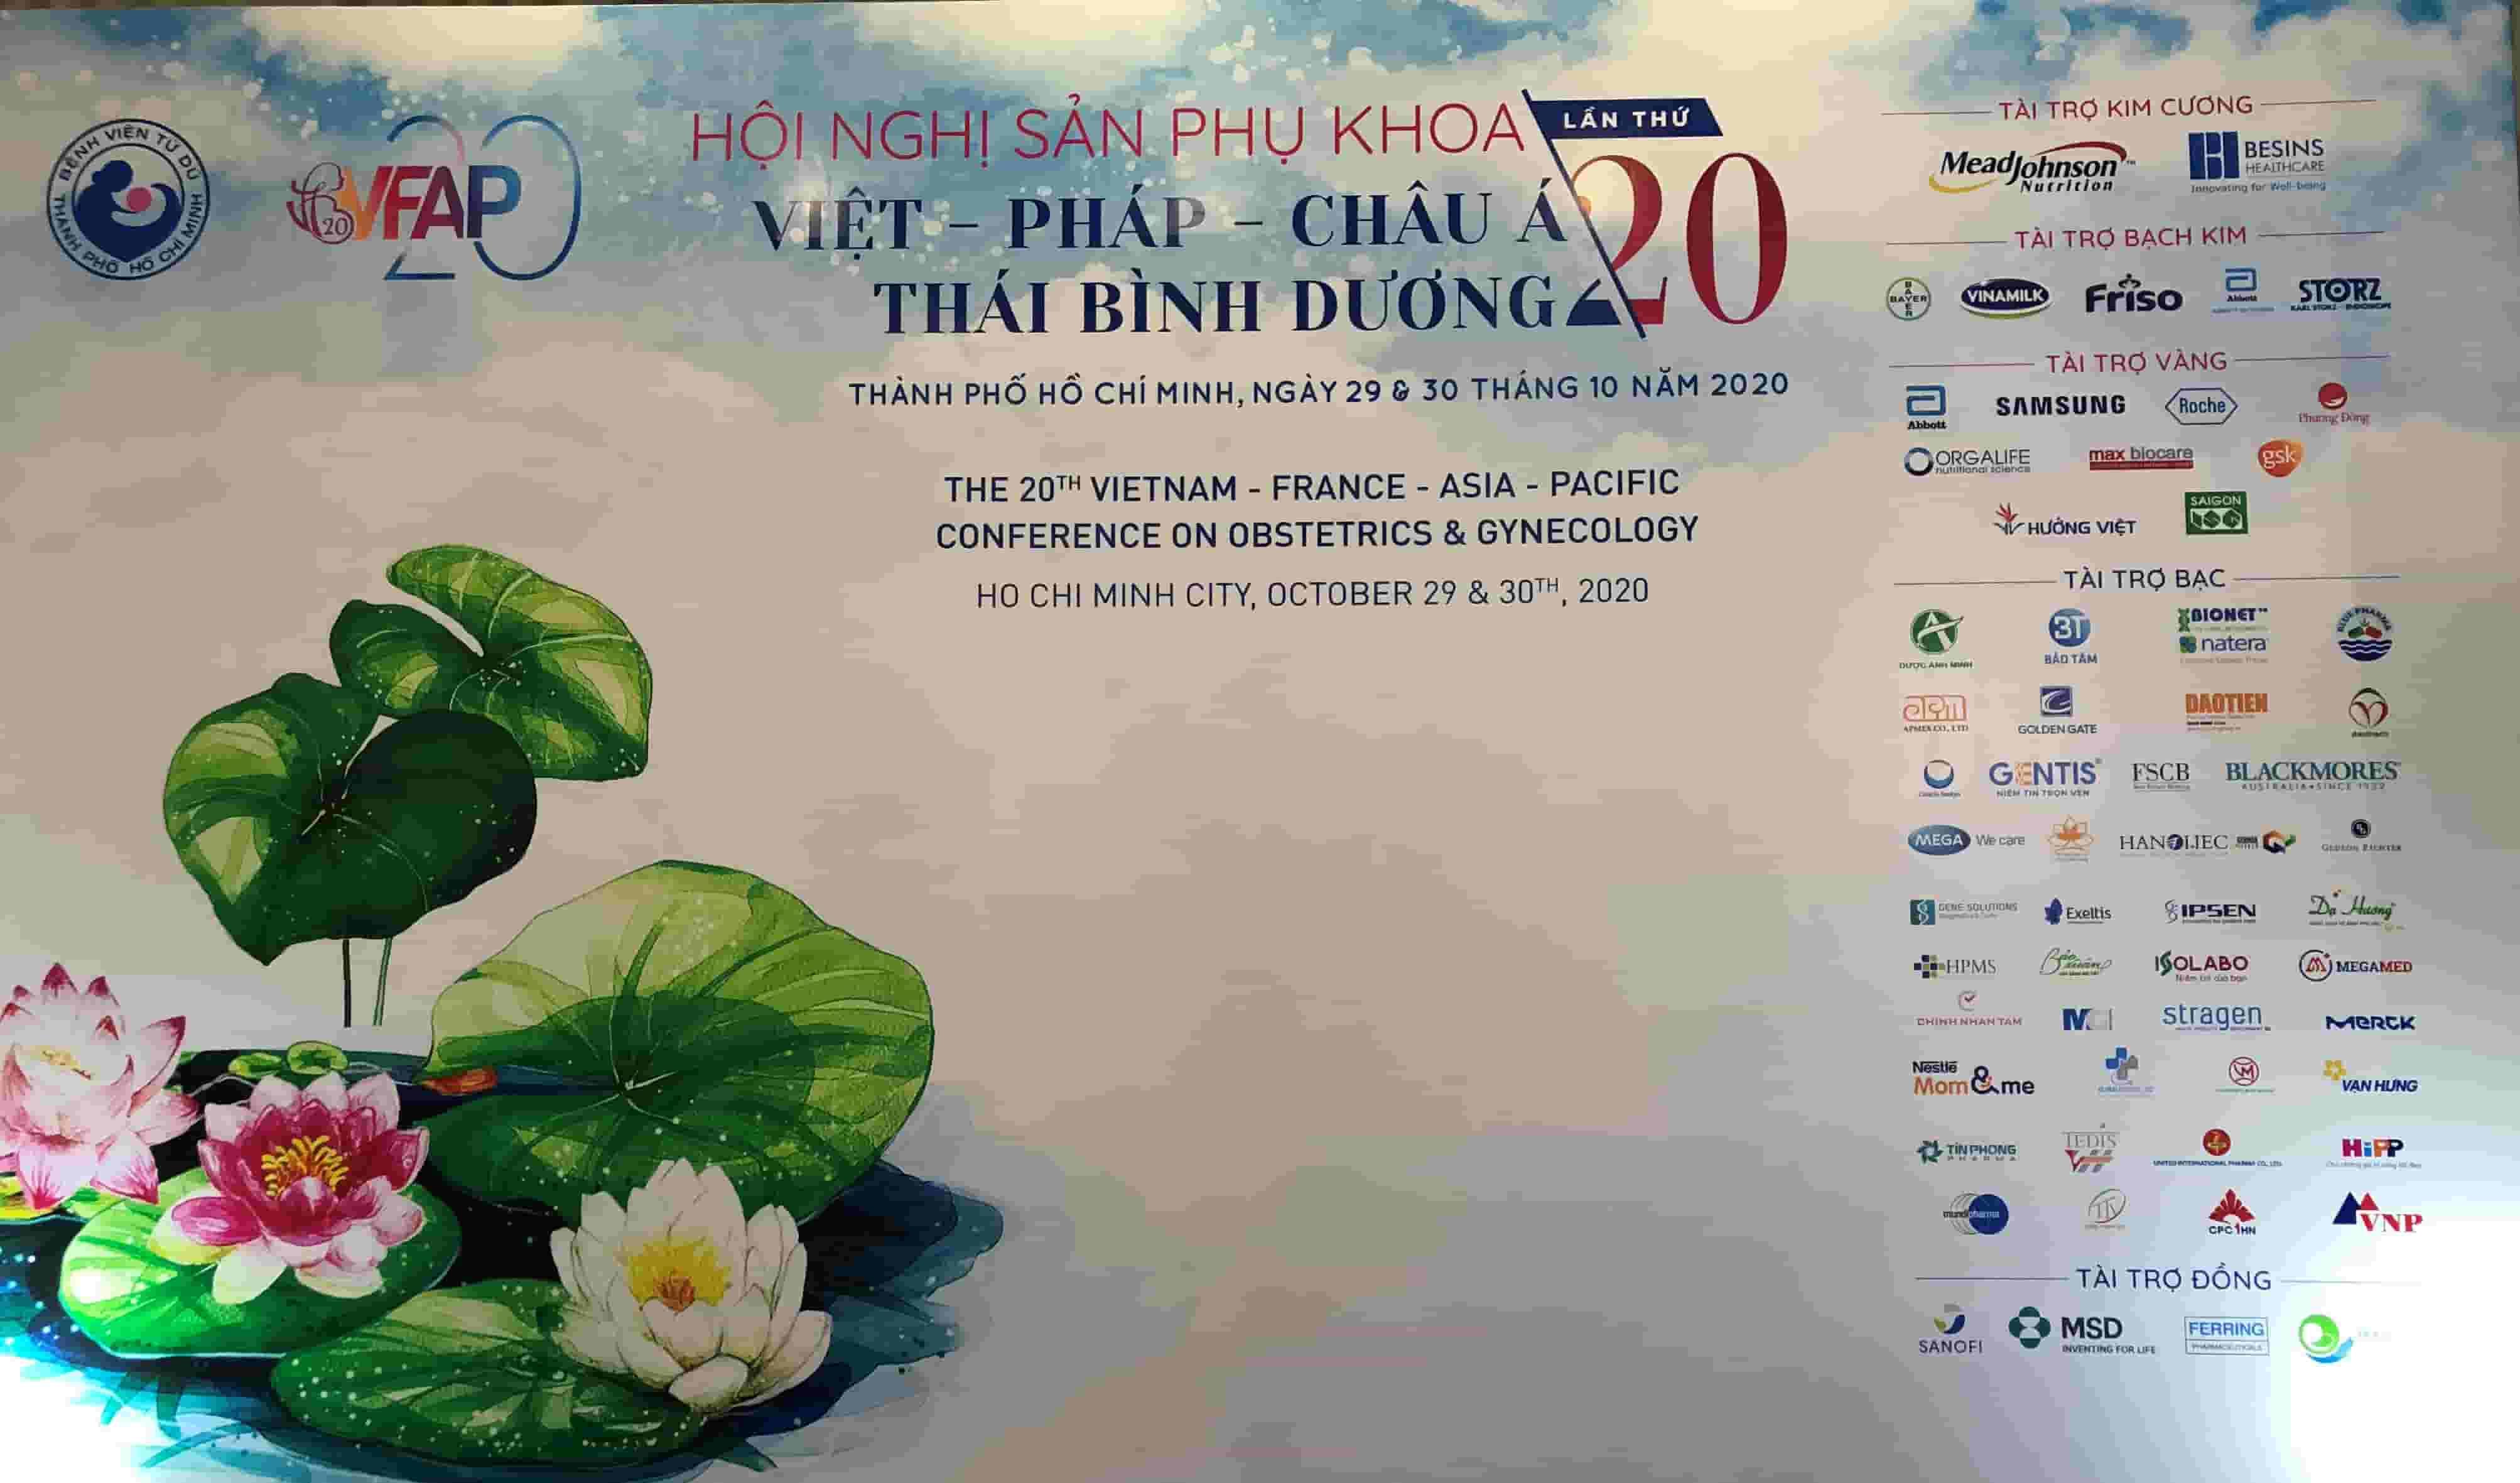 Hội nghị Sản Phụ khoa Việt - Pháp - Châu Á Thái Bình Dương lần thứ 20 1